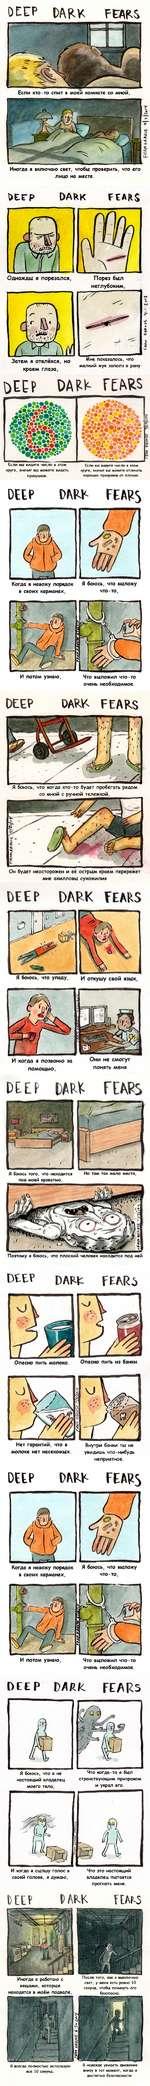 DEXP DARK FEARS Иногда я включаю свет, чтобы проверить, что его лицо на месте. Если кто-то спит в комнате со мной. \>СГР DARK FtARS Однажды я порезался,Порезбыл неглубоким. Мне показалось, что мелкий жук заполз в рану йЕЕР DAFR FEARS Затем я отвлёкся, но краем глаза. •••• Если вы види